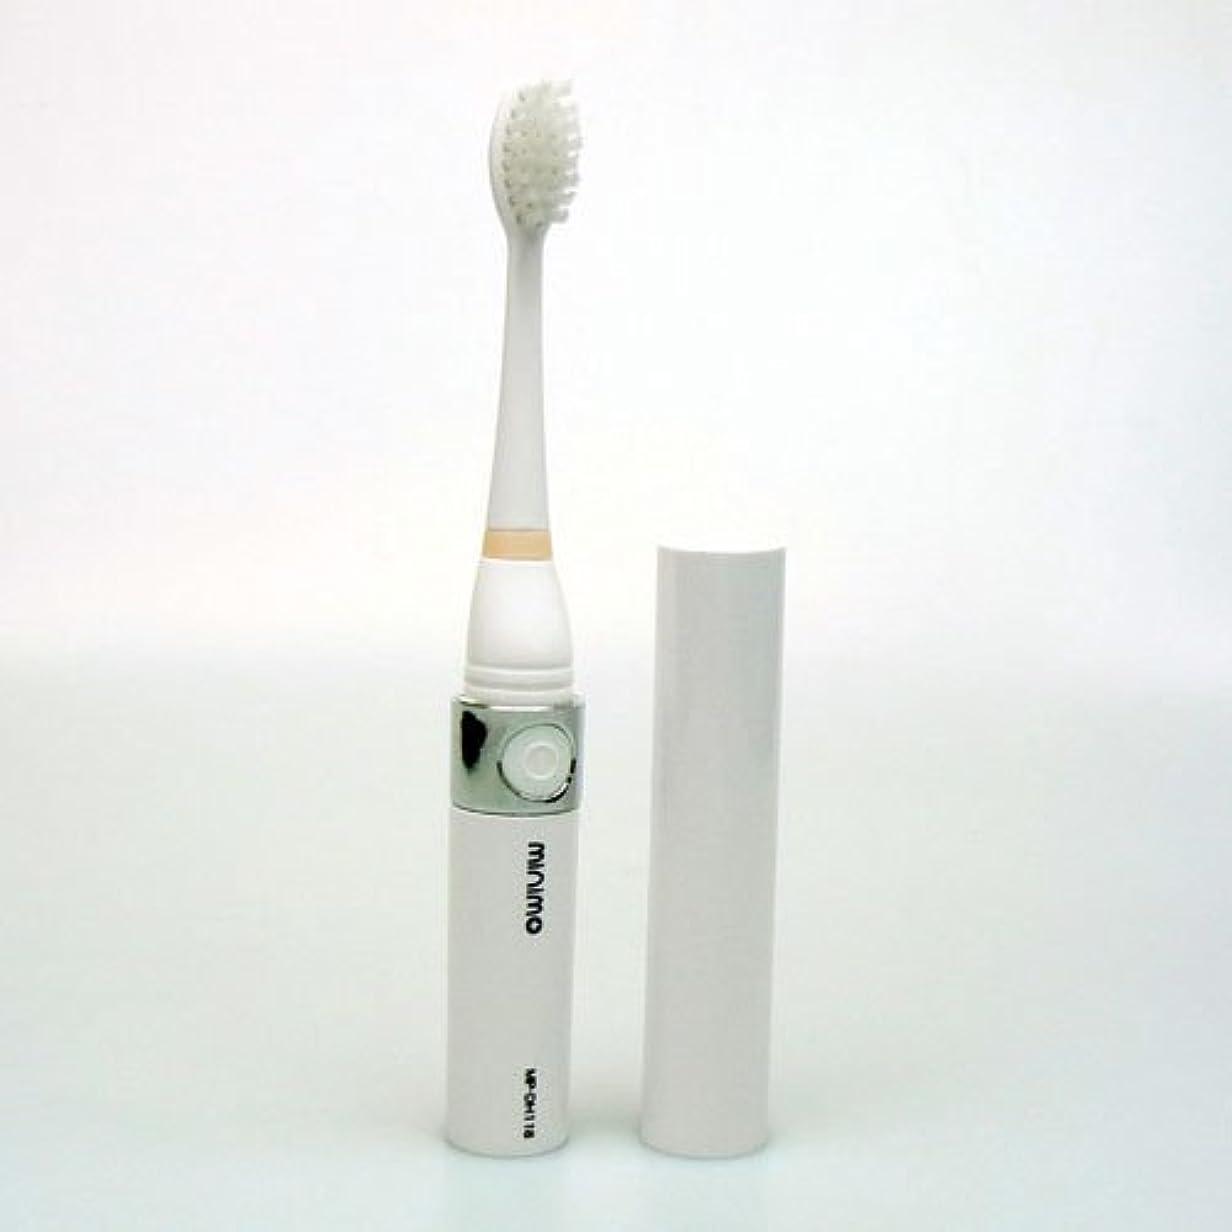 おとこ広くおもしろいmaruman 音波振動歯ブラシ minimo ホワイト MP-DH118WH